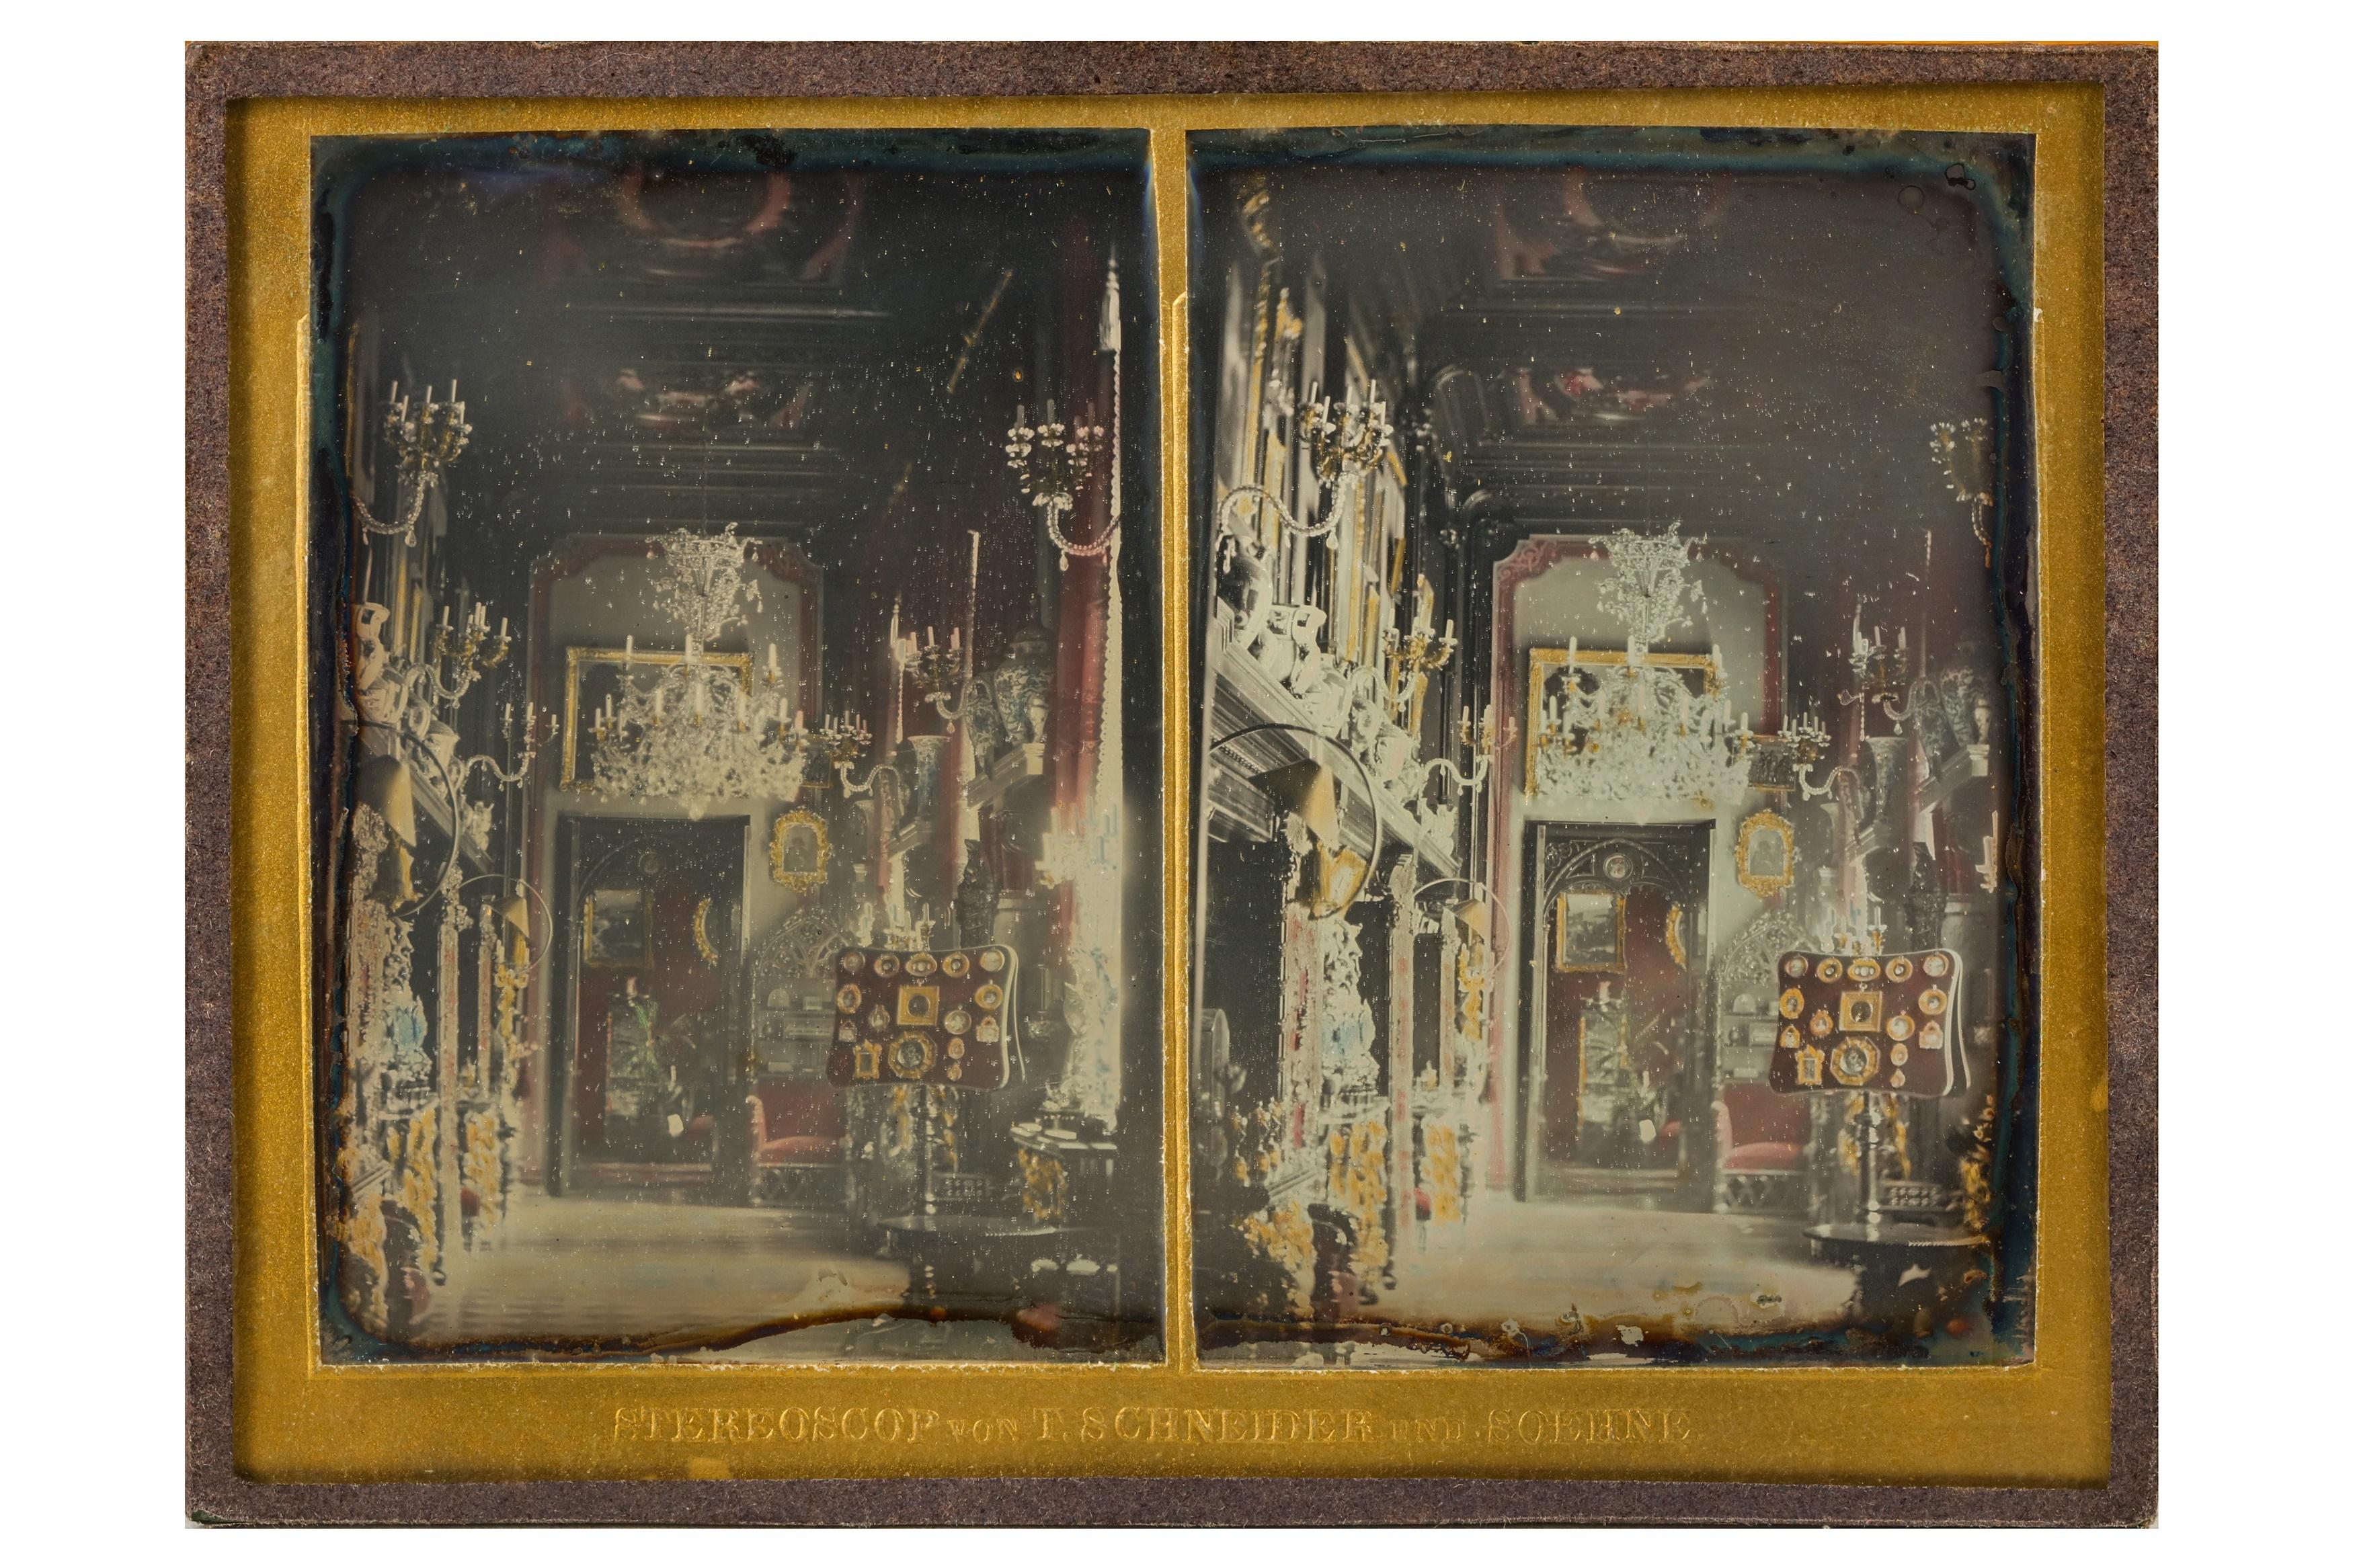 T. SCHNEIDER & SONS (1847-1921) - Image 8 of 22